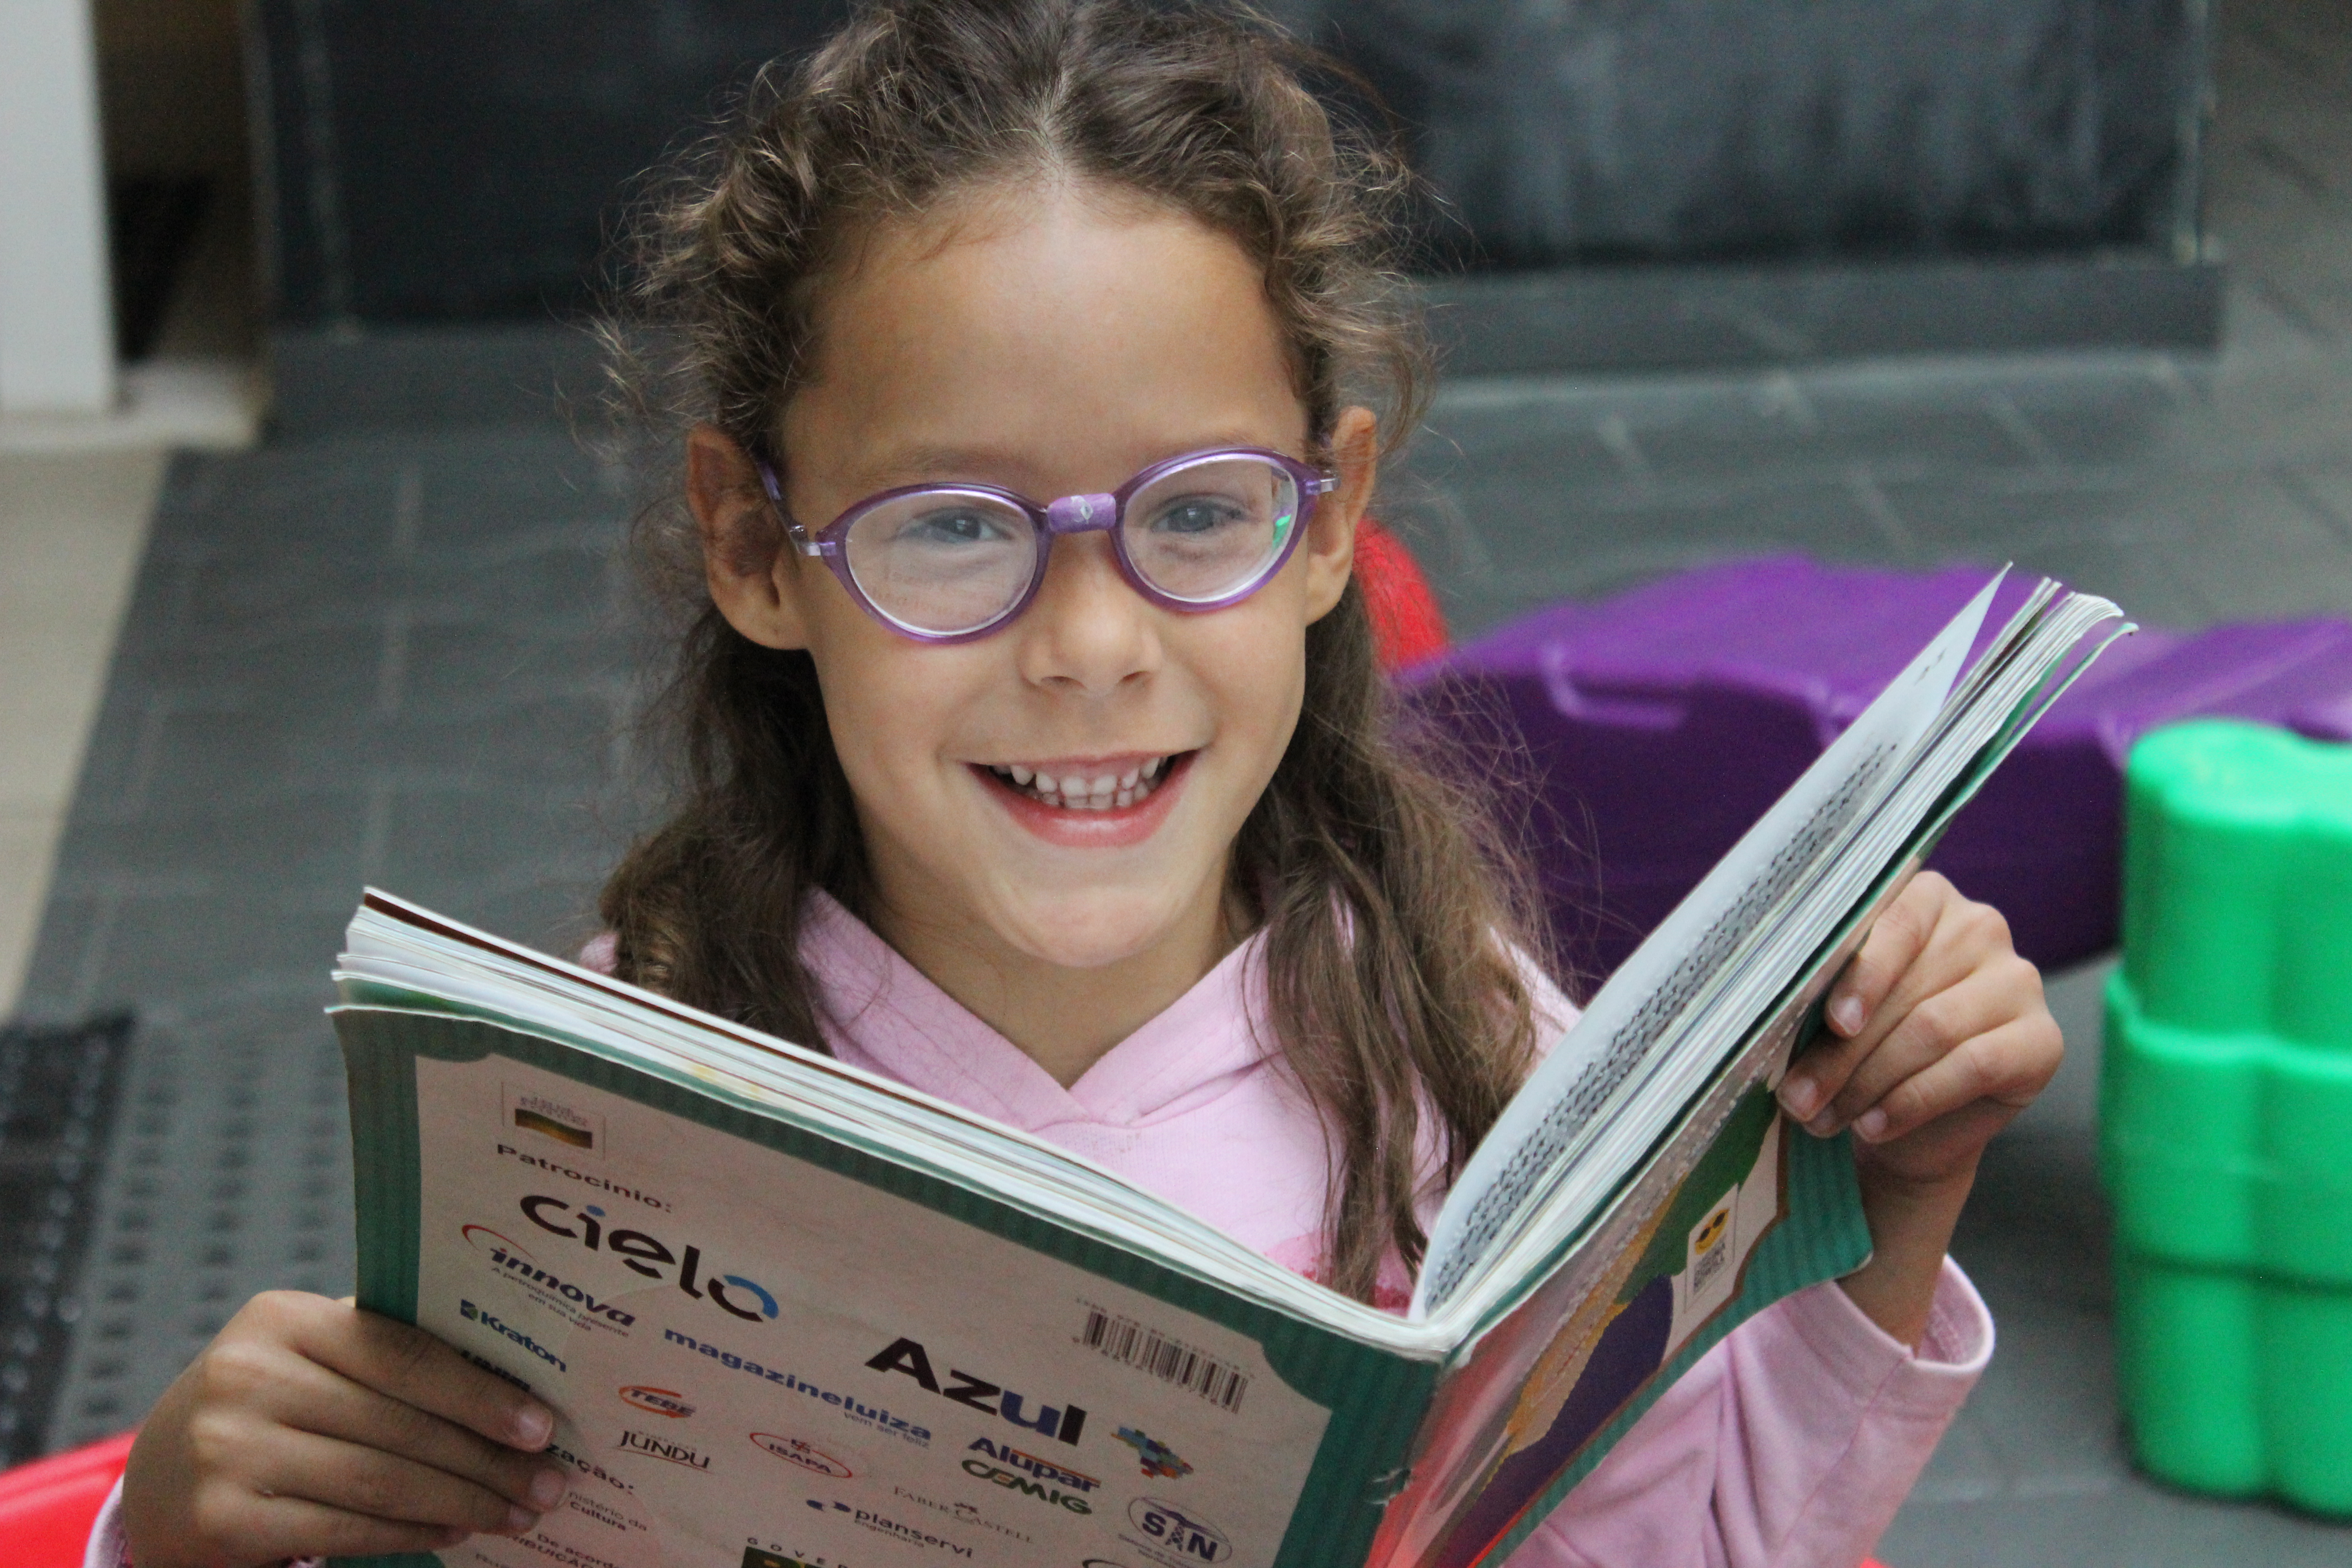 Foto de Ana Júlia, criança atendida pela Fundação. Ela está no parquinho da Fundação, segurando um livro aberto em sua frente e sorri. Ela veste blusa rosa e óculos de hastes na cor roxa.